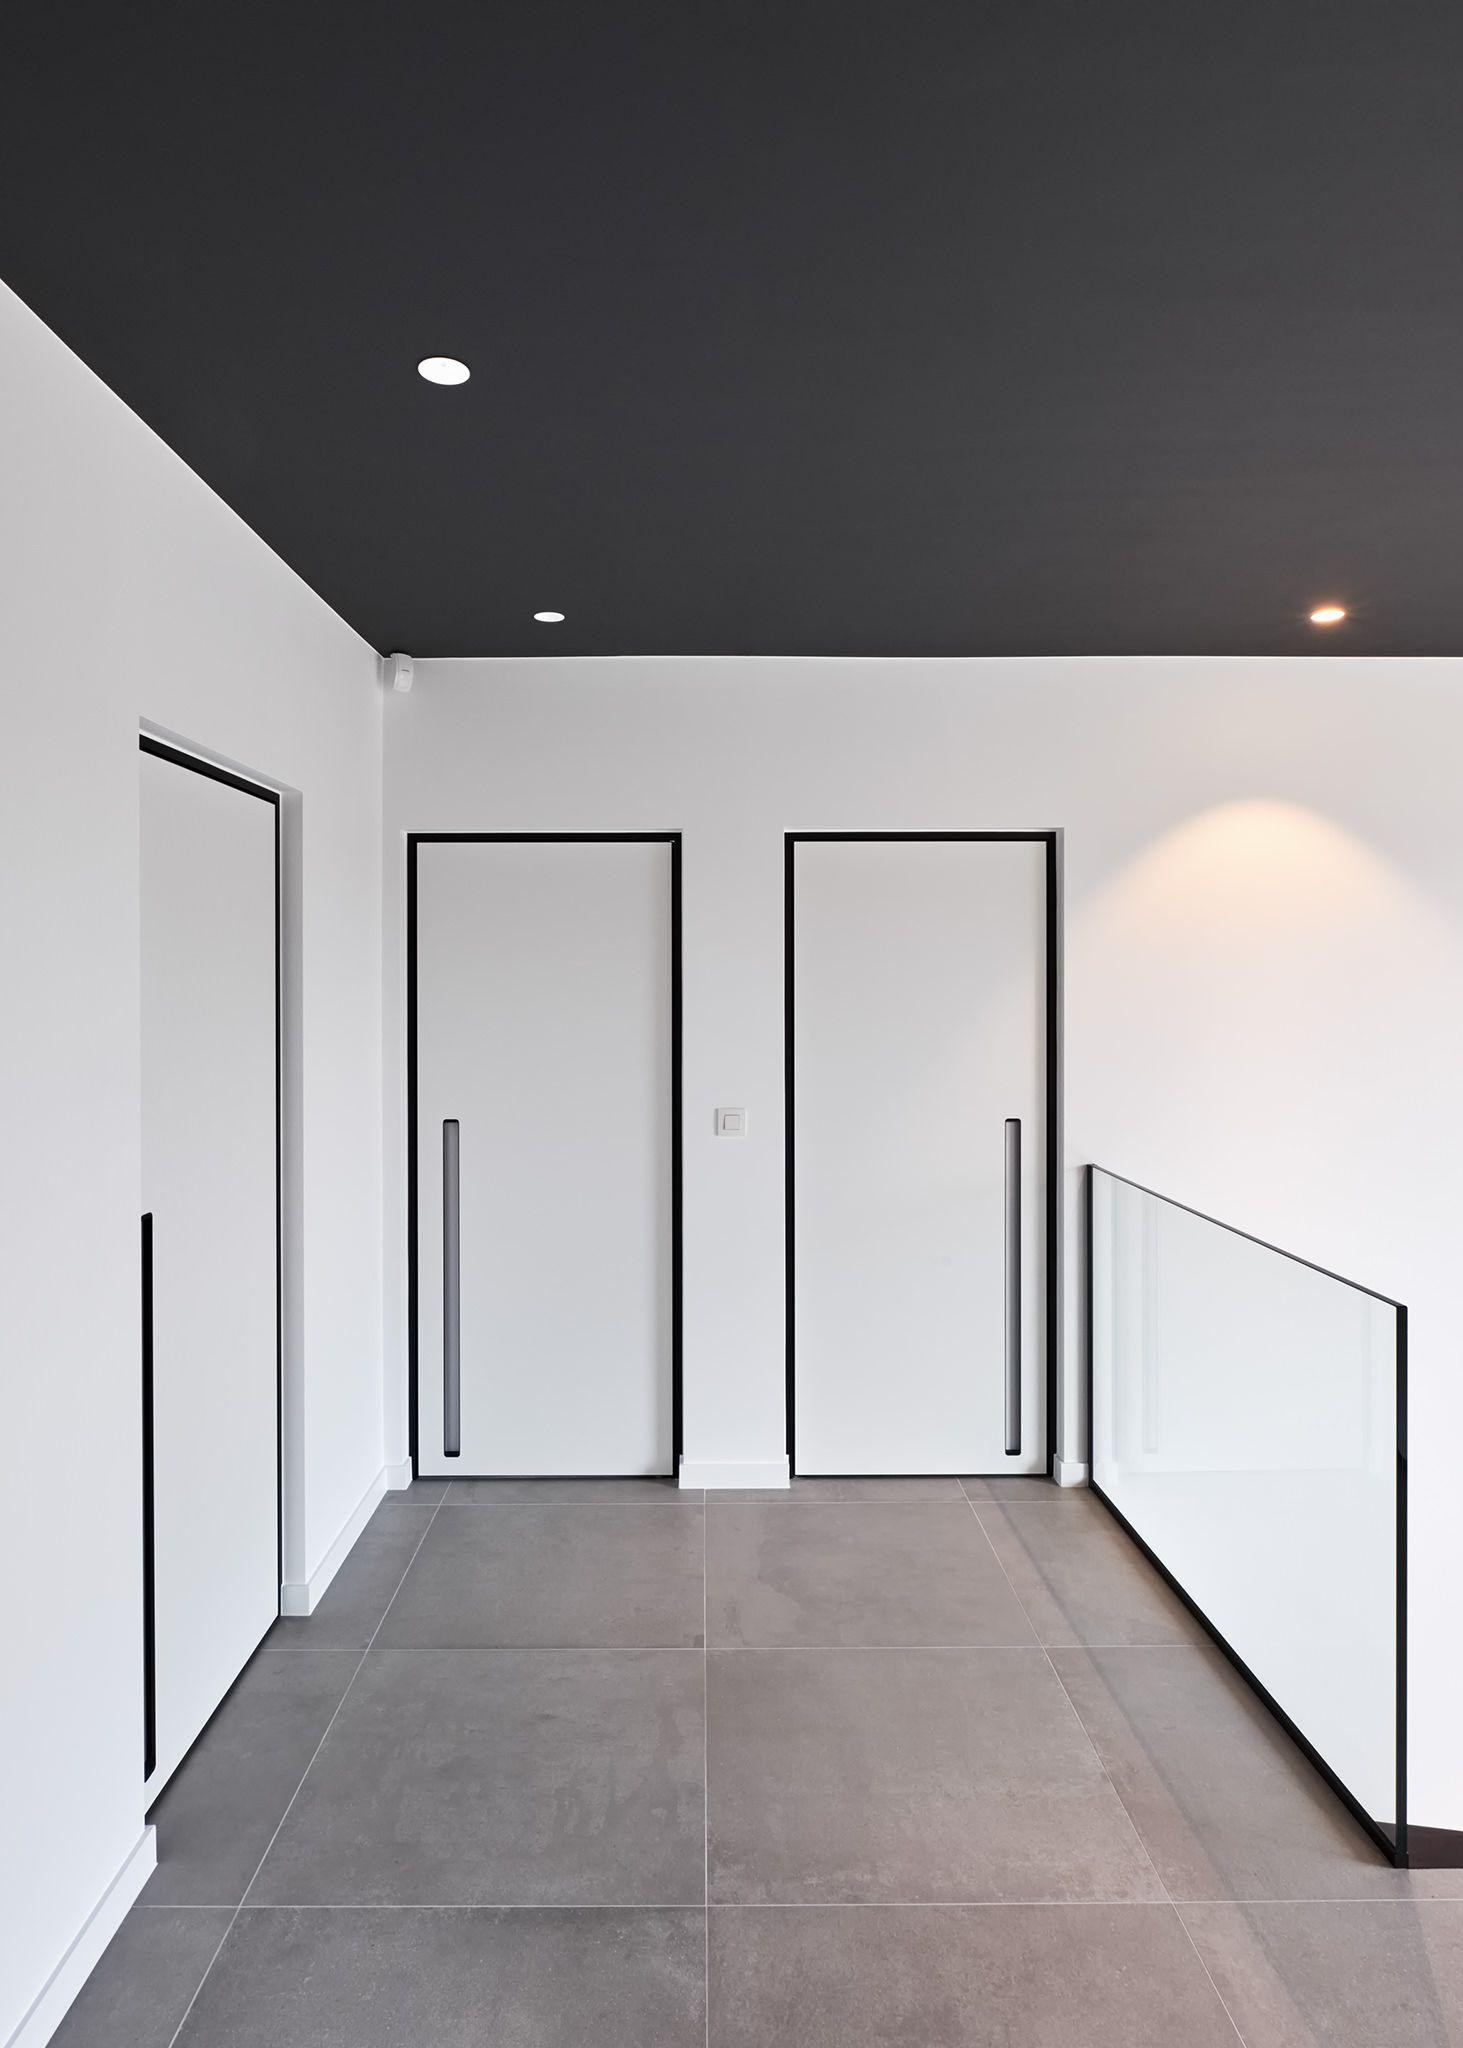 Porte int rieure blanc avec encadrement noir et un poign e for Porte interieure noire